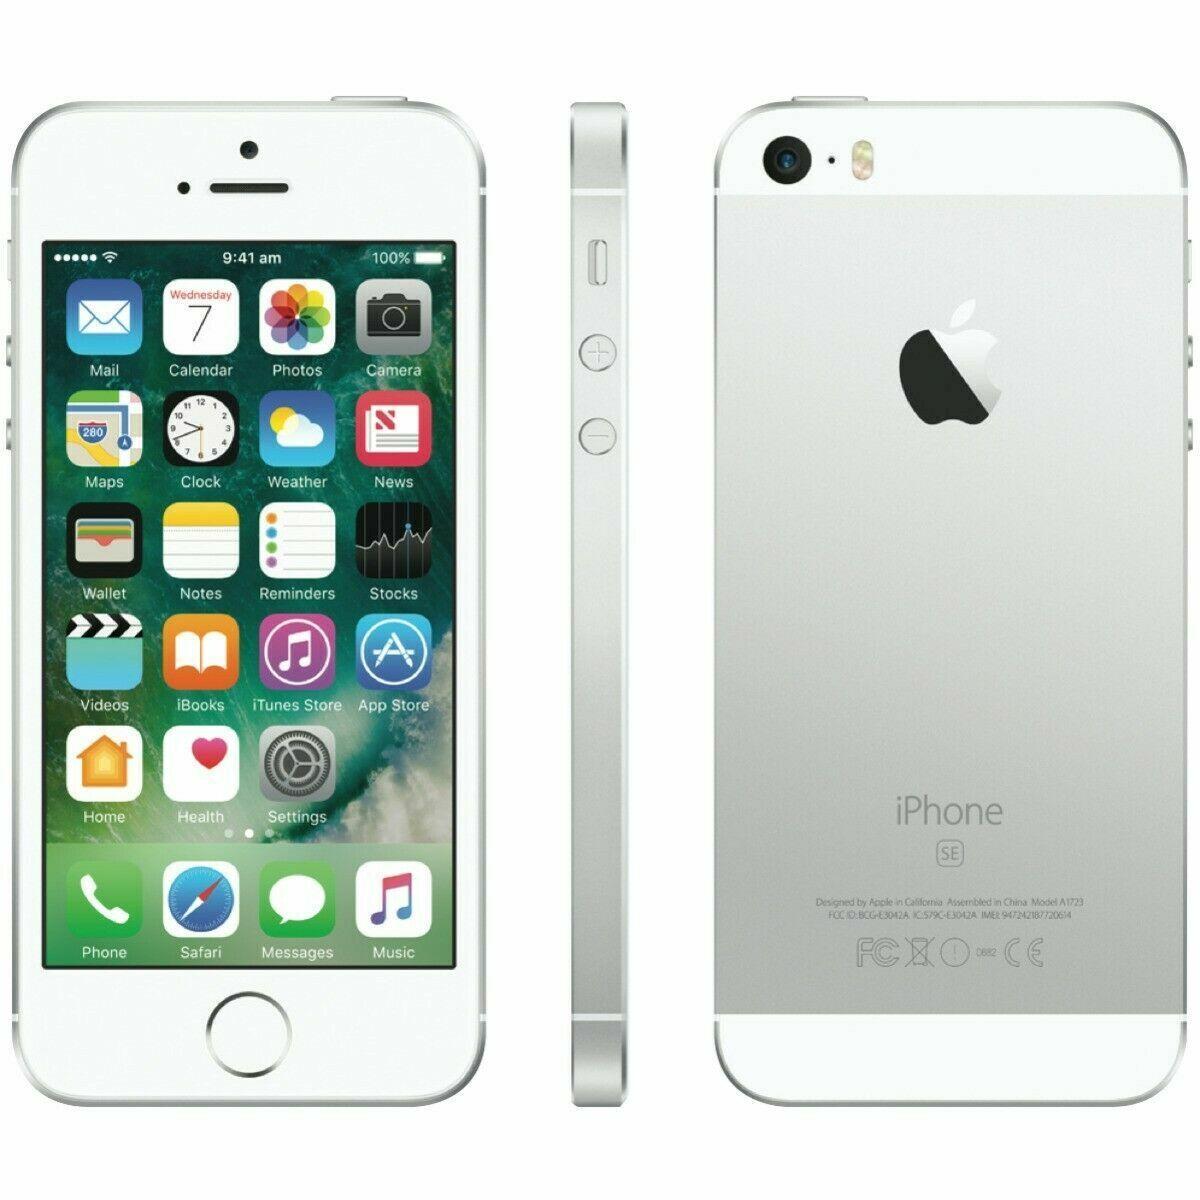 iPhone: APPLE IPHONE SE 16GB SILVER GRADO A++ RIGENERATO  RICONDIZIONATO APPLE